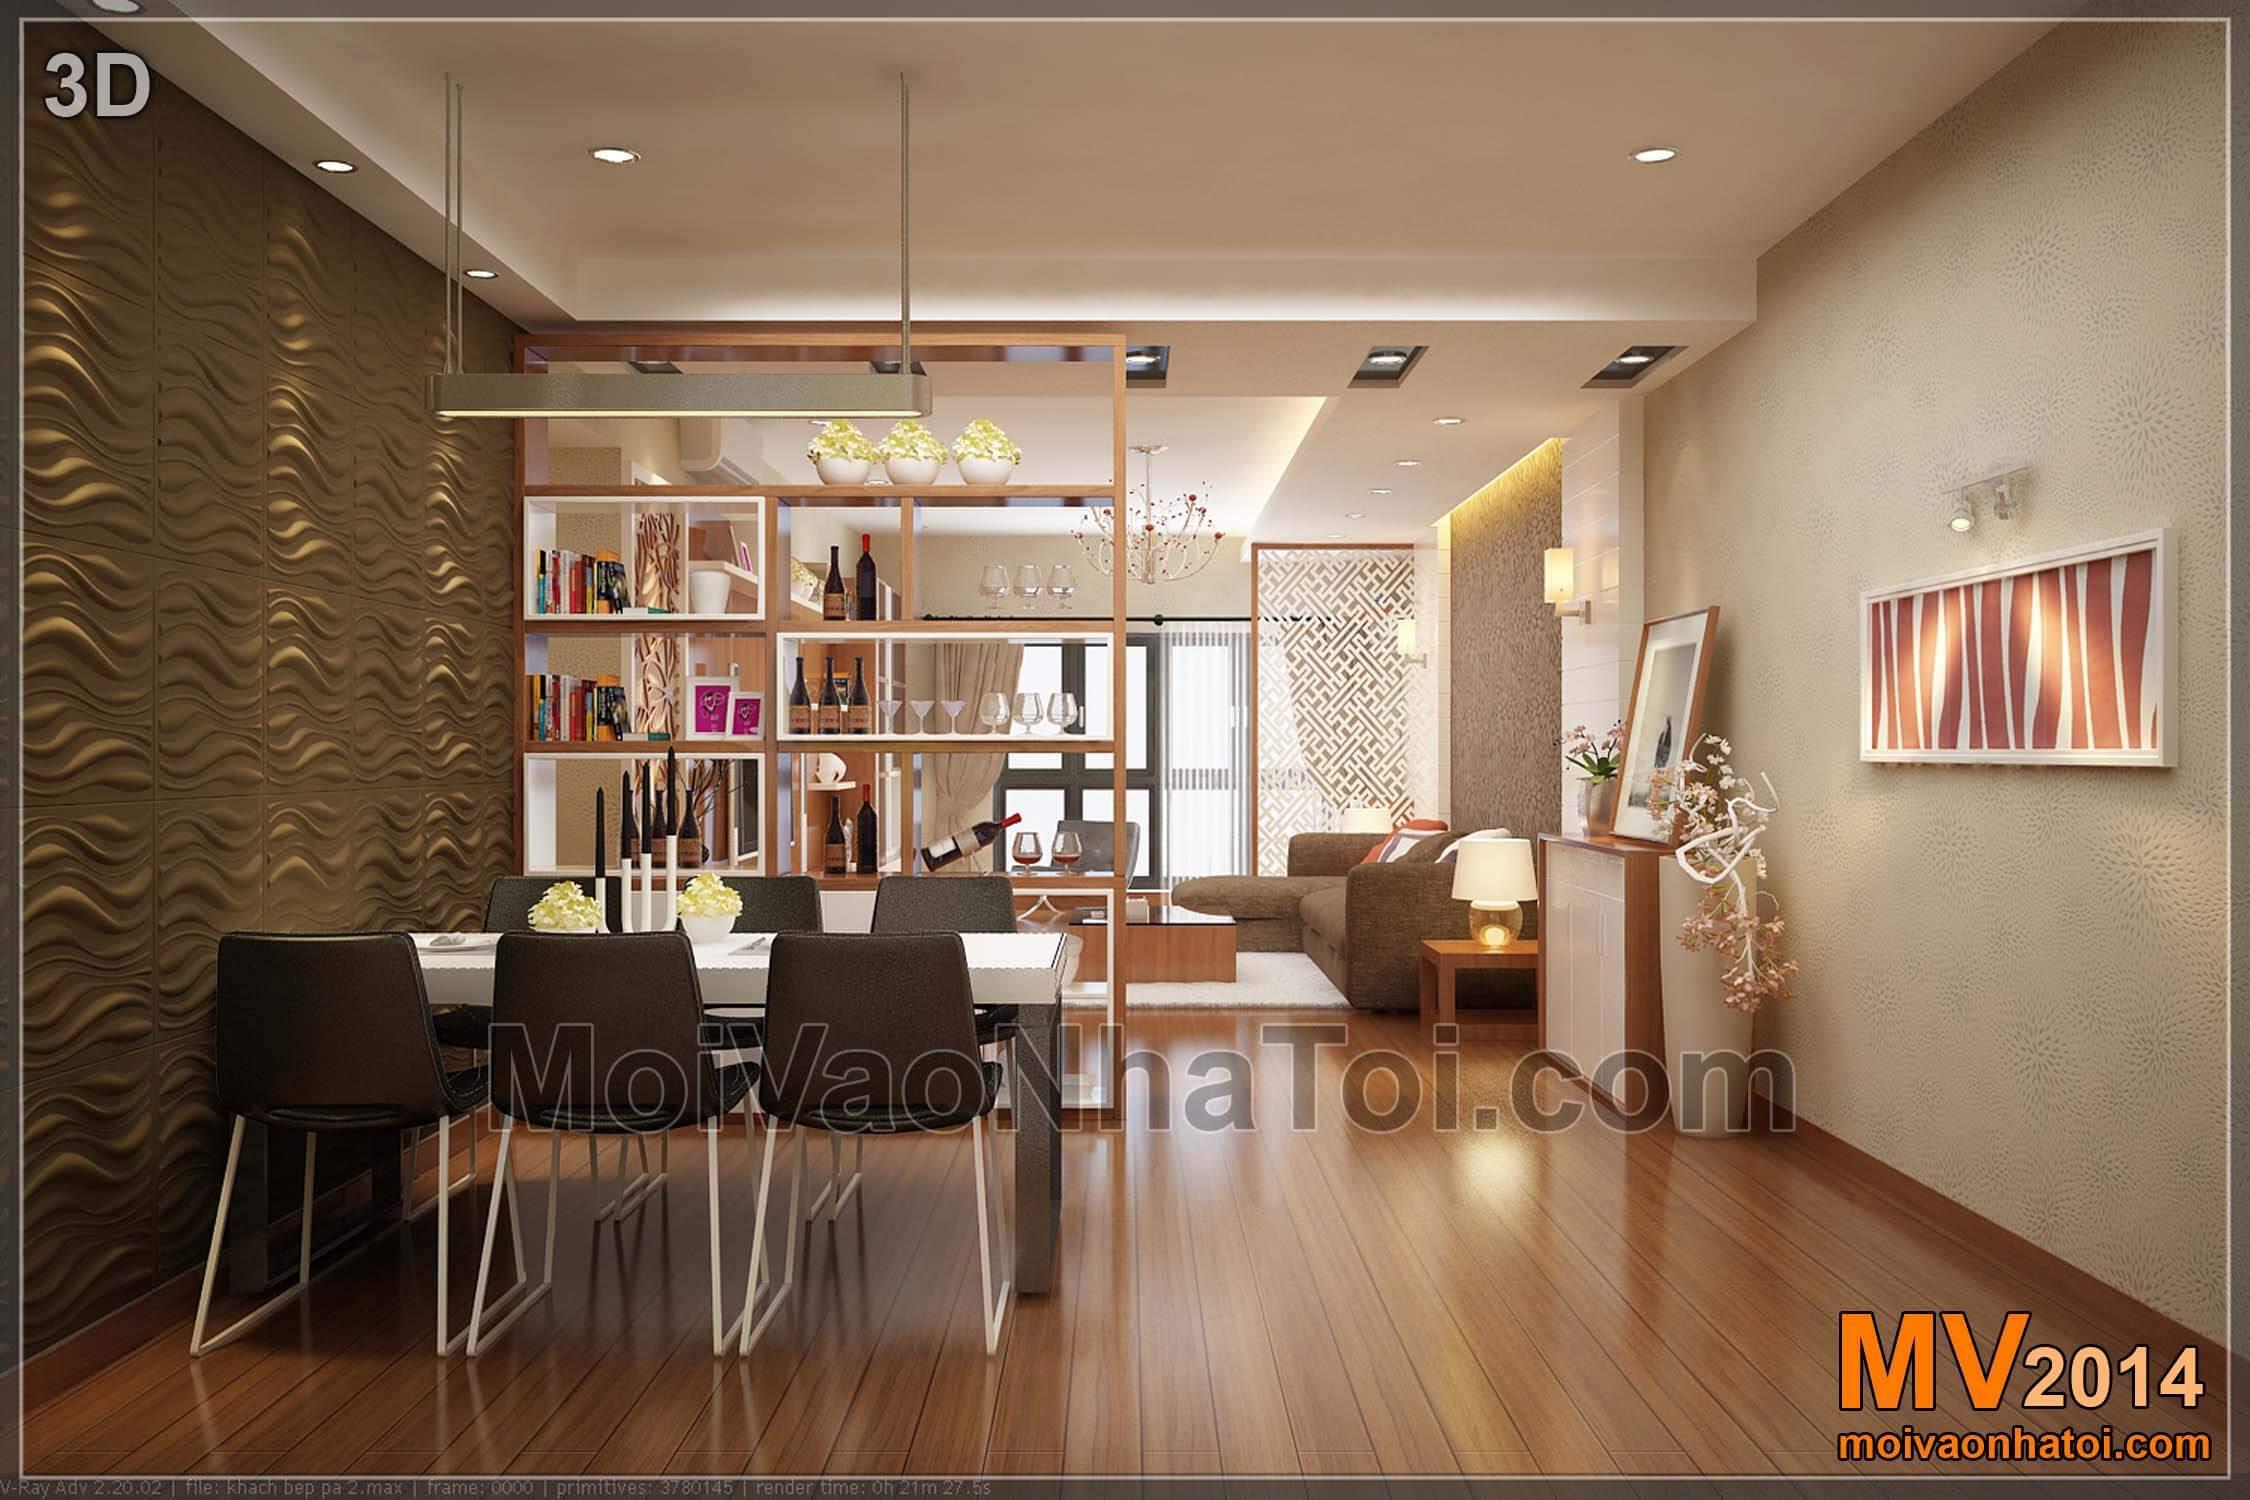 Từ phòng ăn nhìn sang phòng khách - Thiết kế 3D